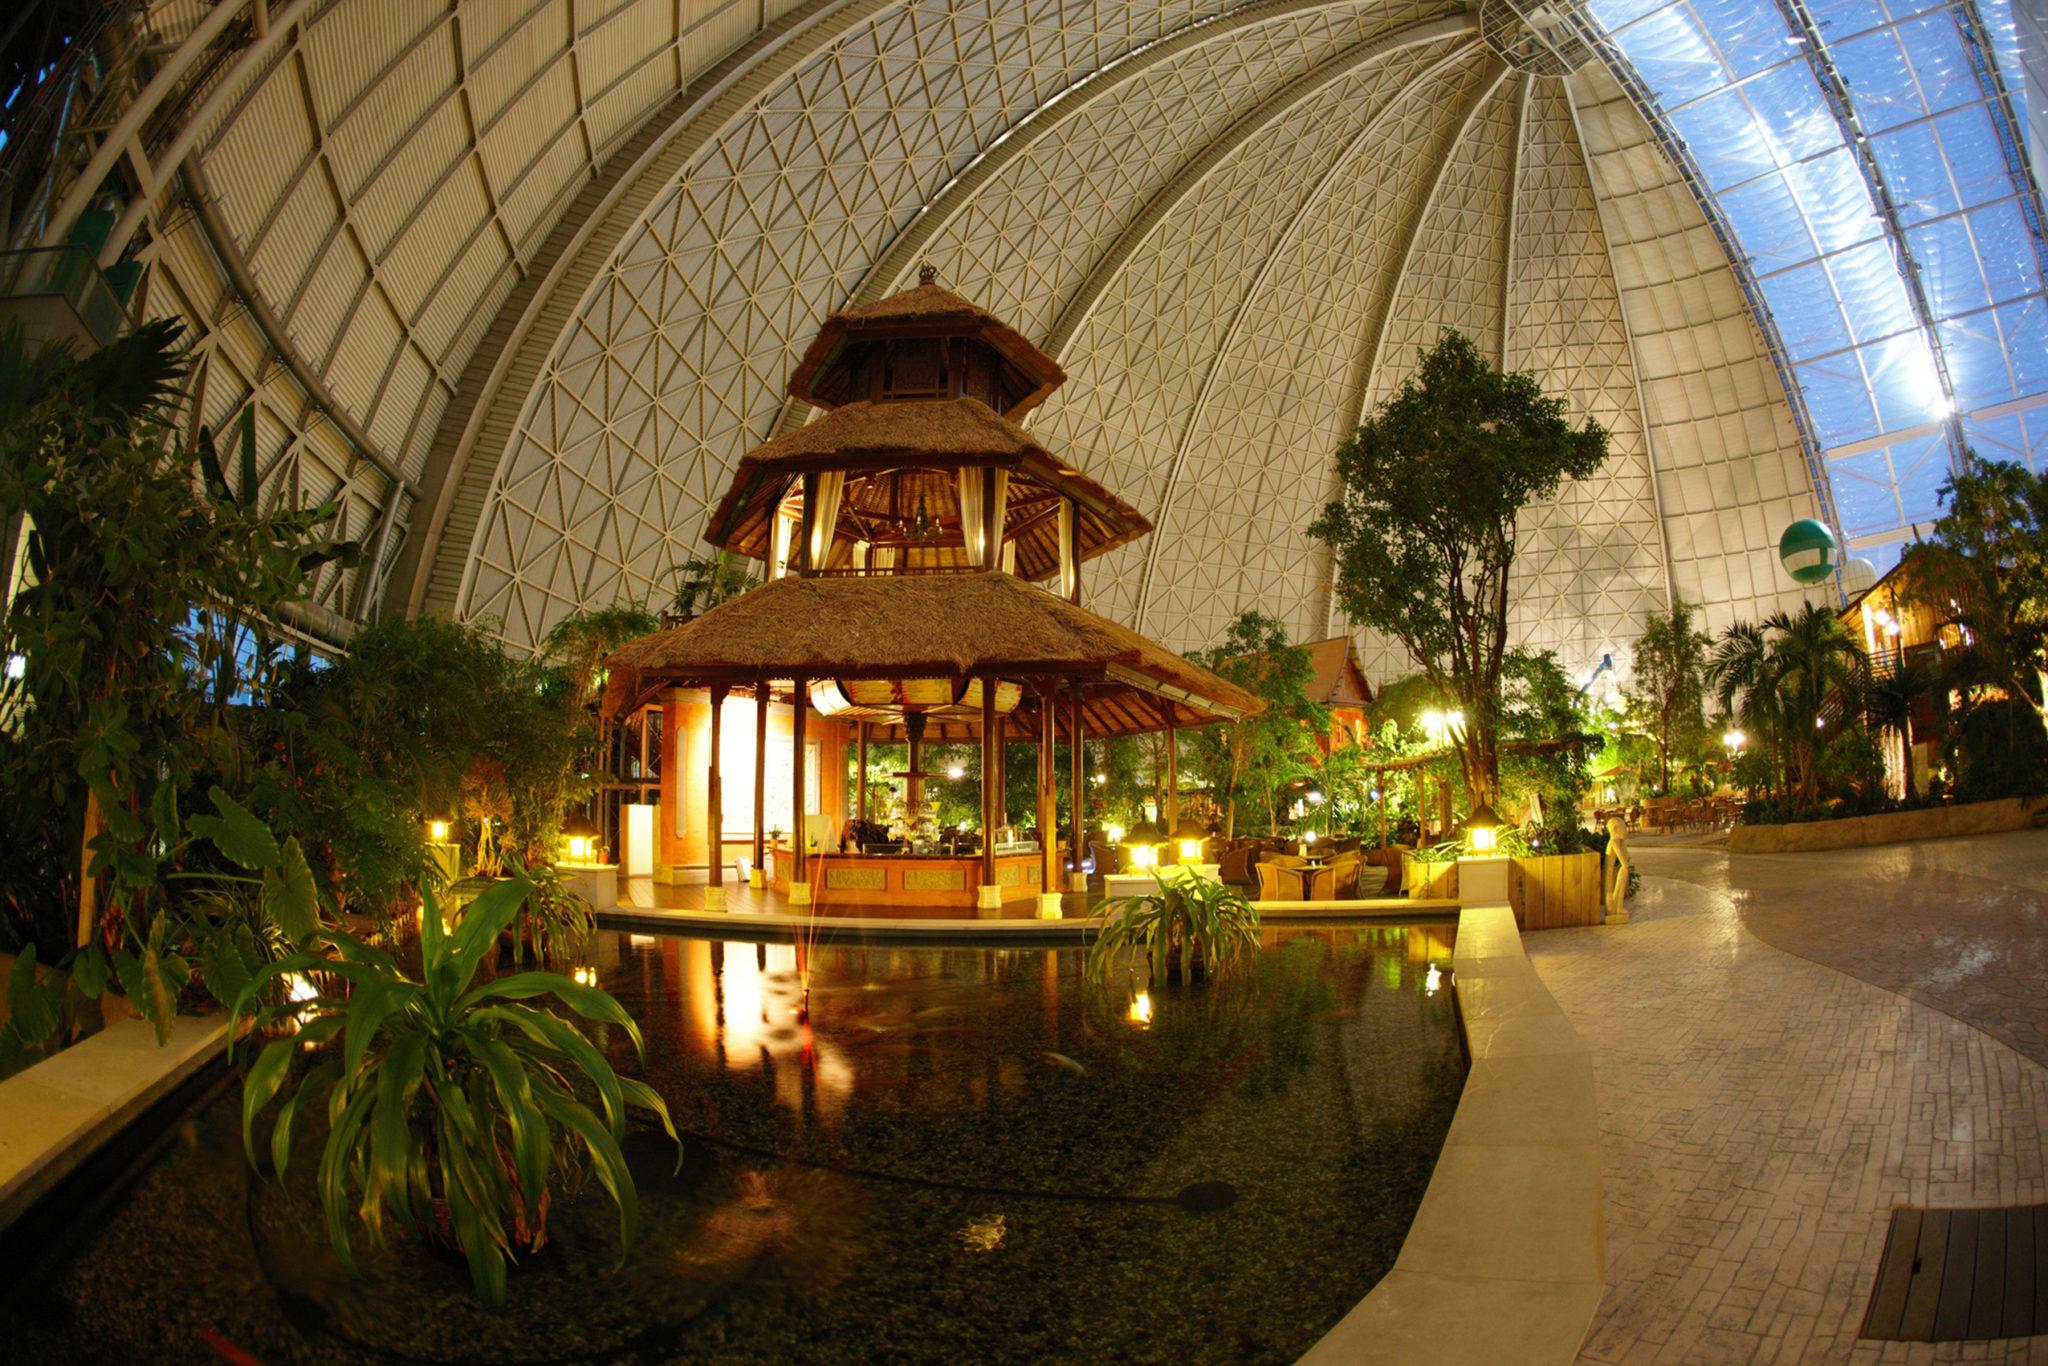 luftiger Bali-Pavillon mit Koi-Becken und romantischen Licht- und Wasserspielen